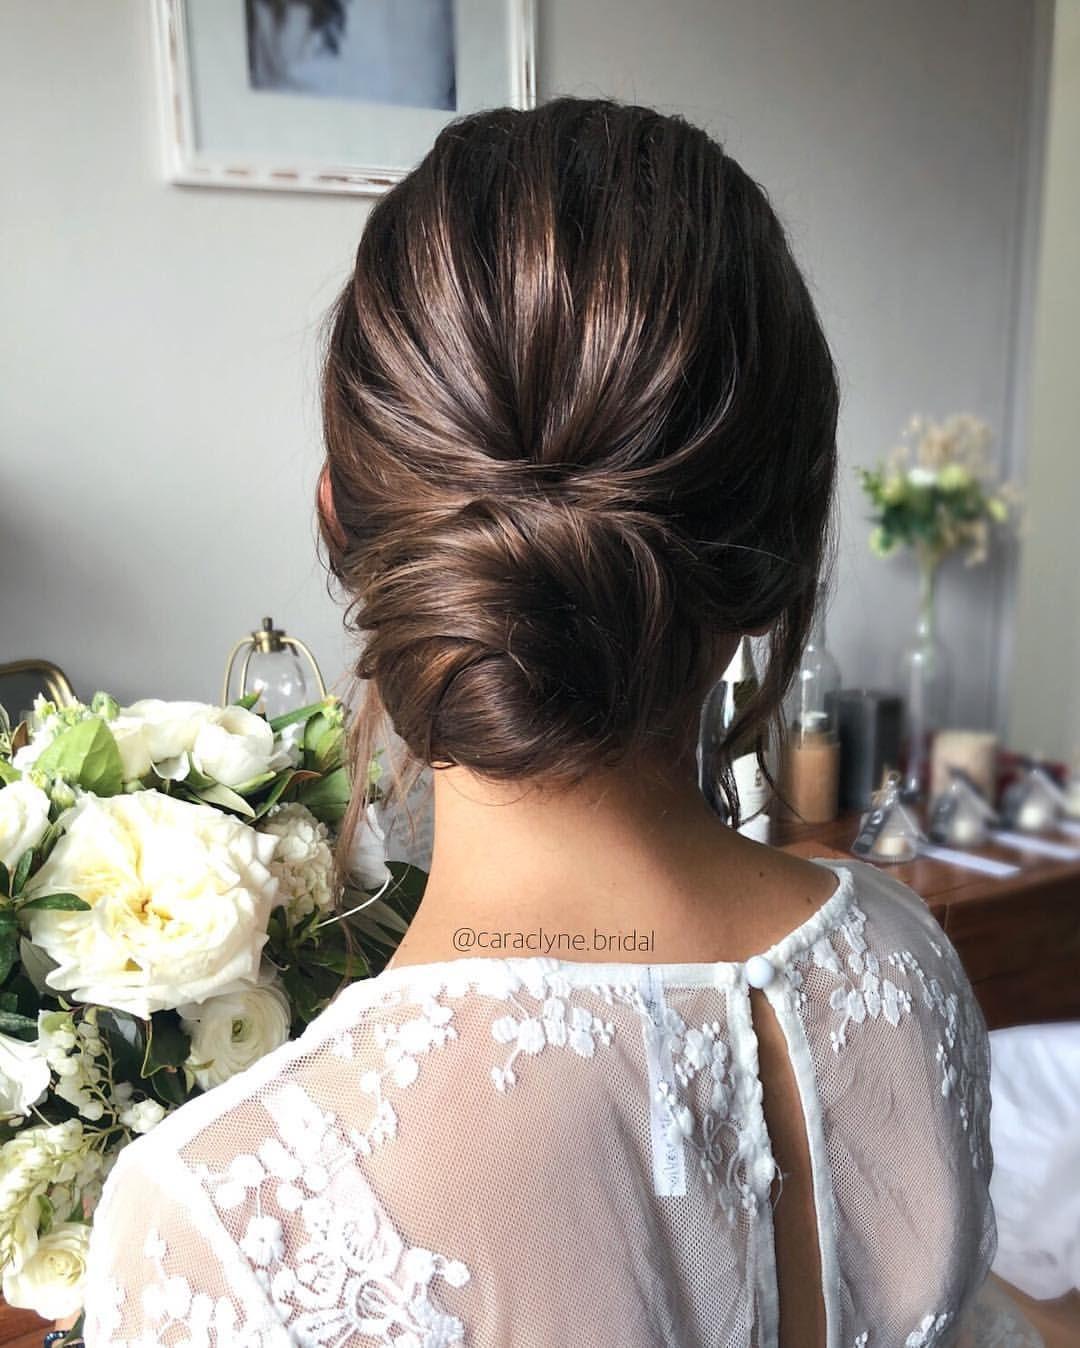 showcasing beautiful texture on this dark hair updo